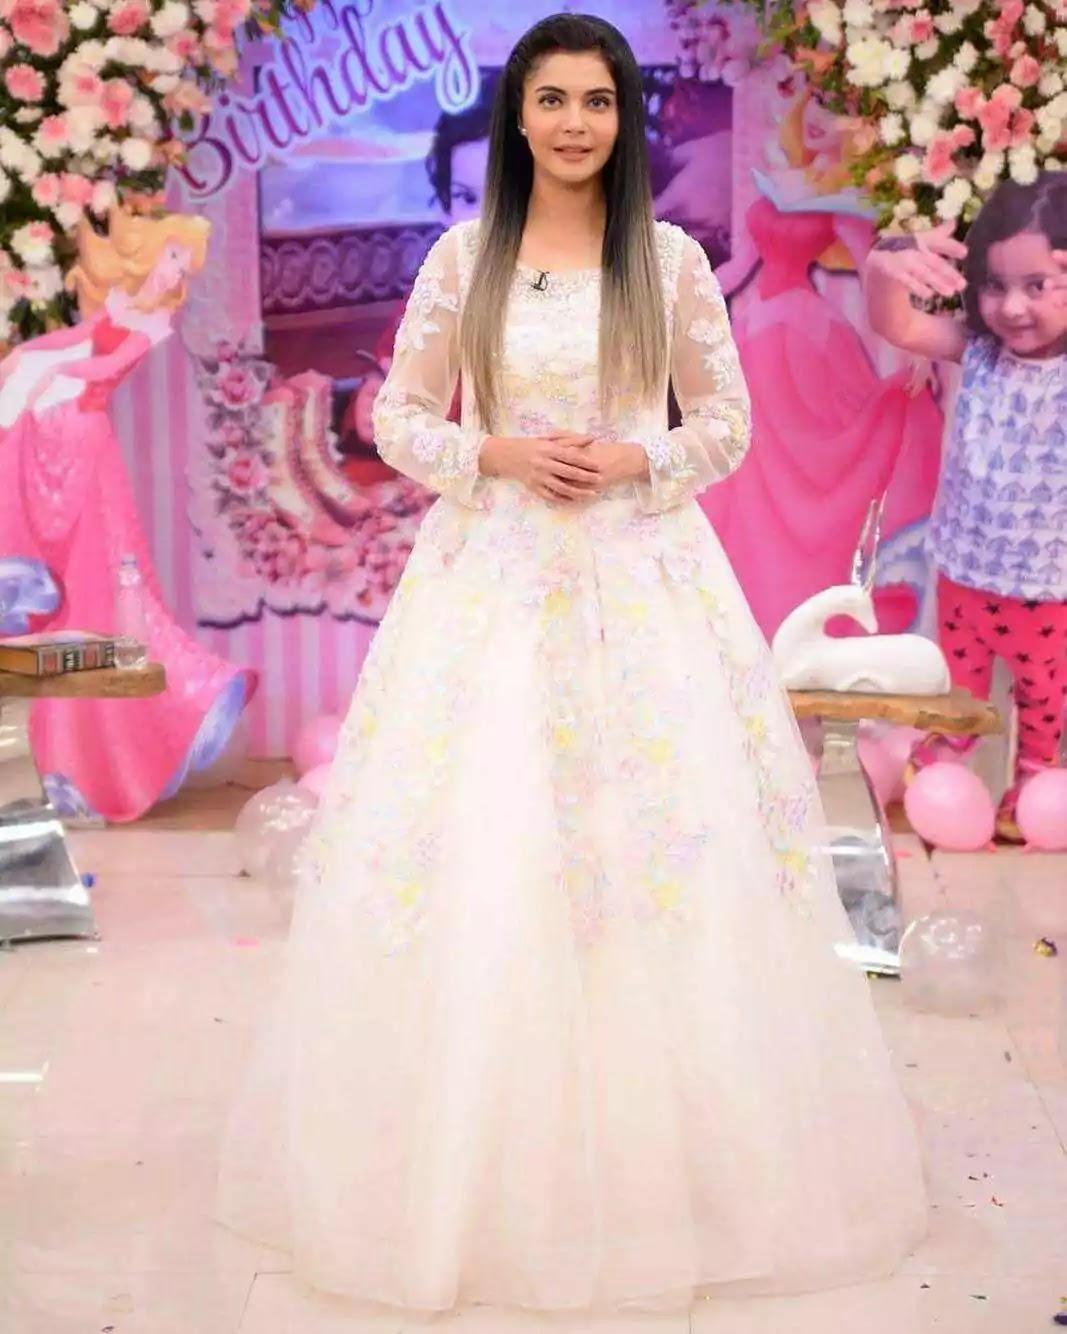 Nida Yasir actress of Pakistan become a boy